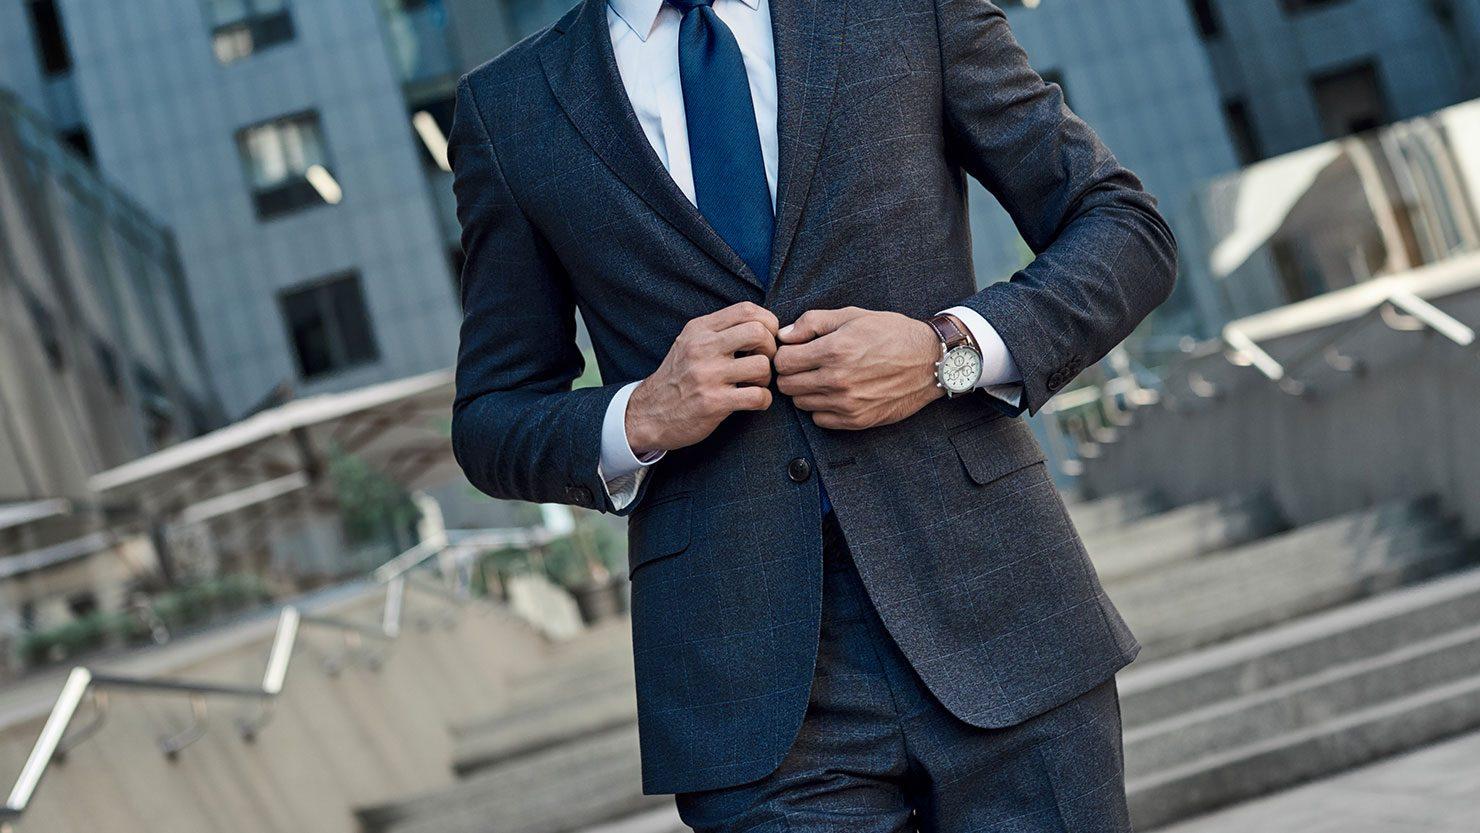 10c0b839c07f63 商談の内容に合わせてスーツを変える。時には相手の好みに合わせてネクタイも変えることもあるほど。